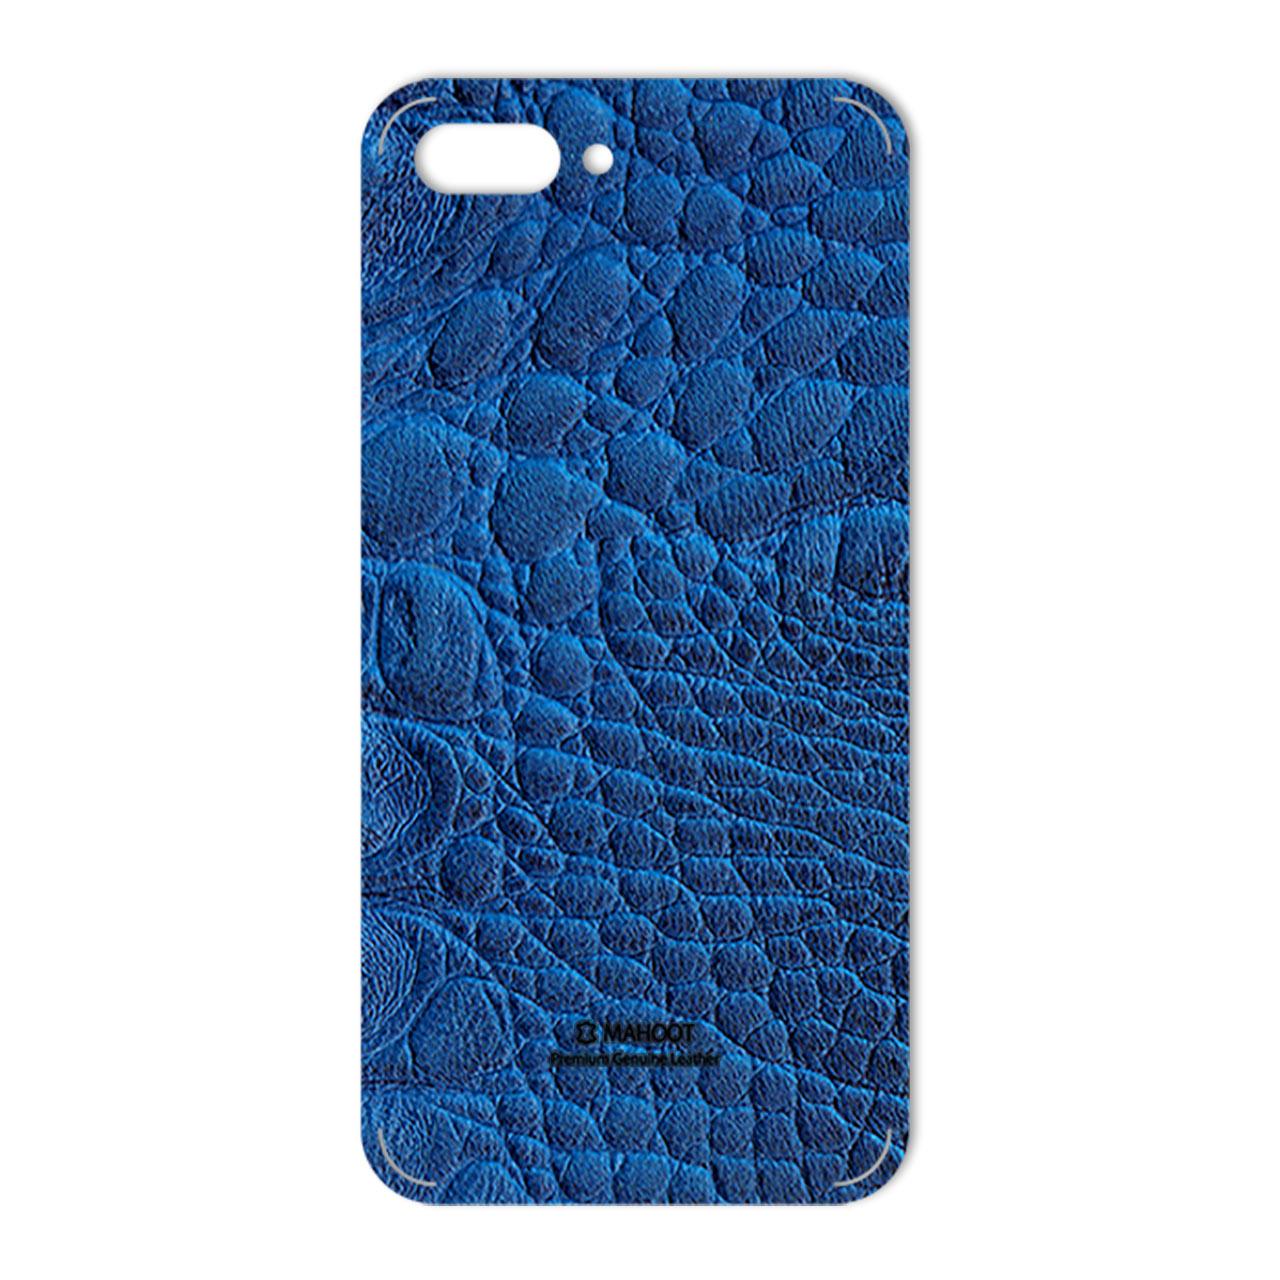 برچسب پوششی ماهوت مدل Crocodile Leather مناسب برای گوشی  Huawei Honor 10